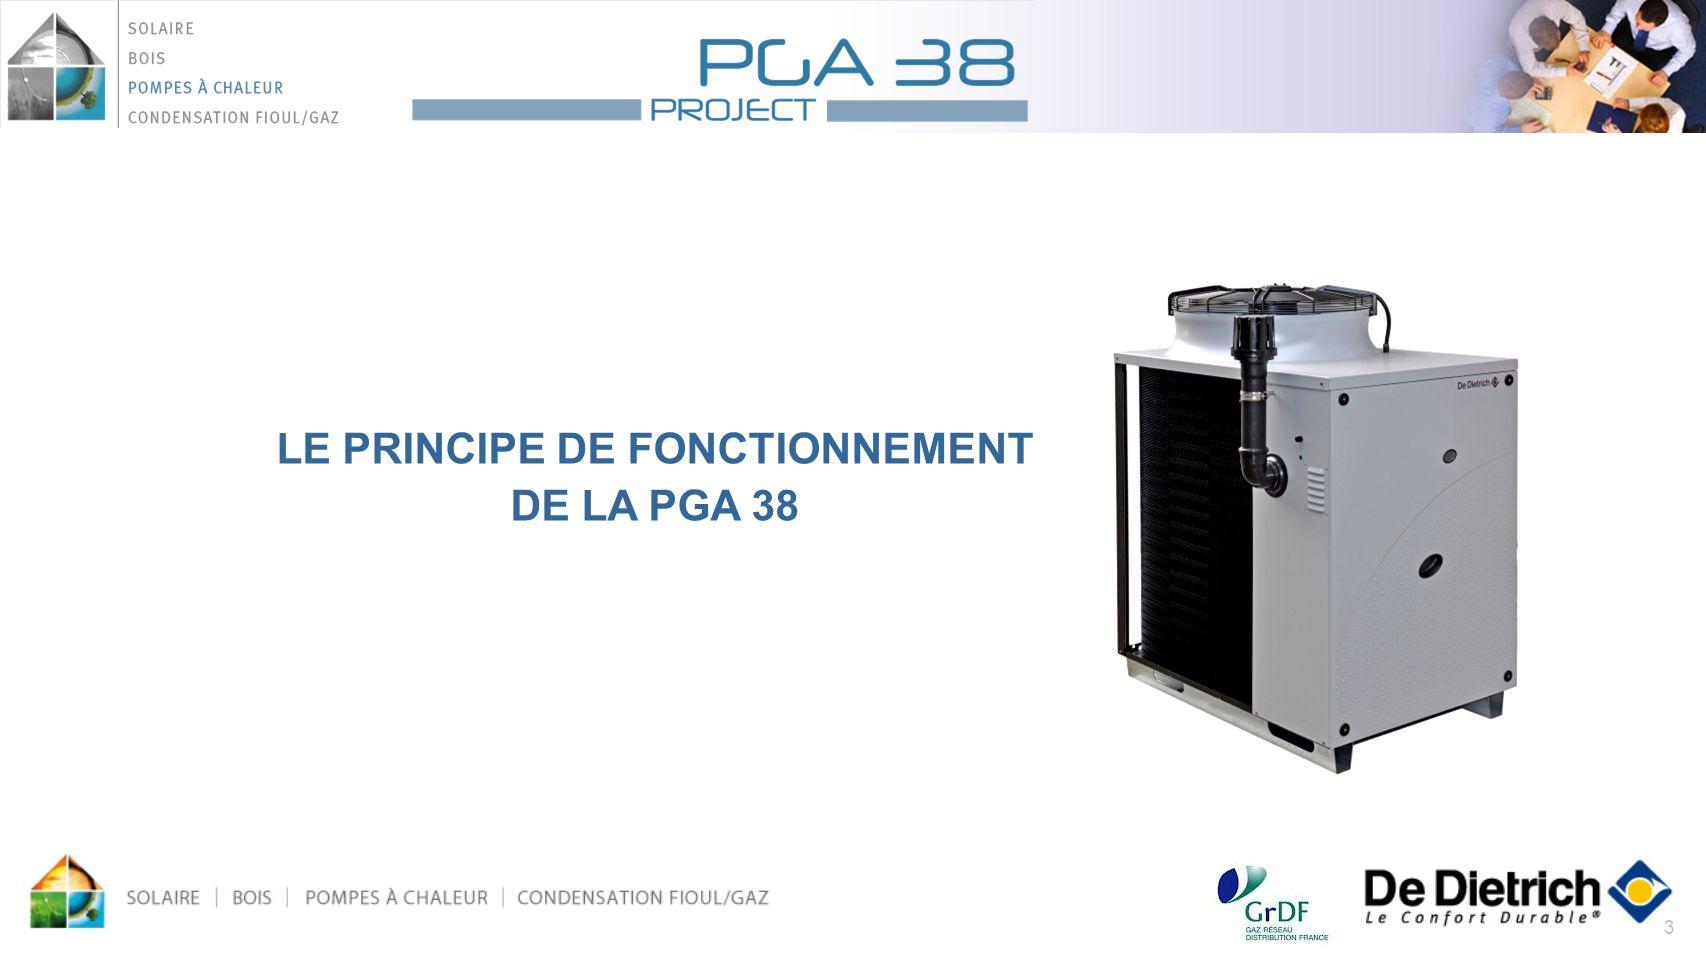 3 LE PRINCIPE DE FONCTIONNEMENT DE LA PGA 38